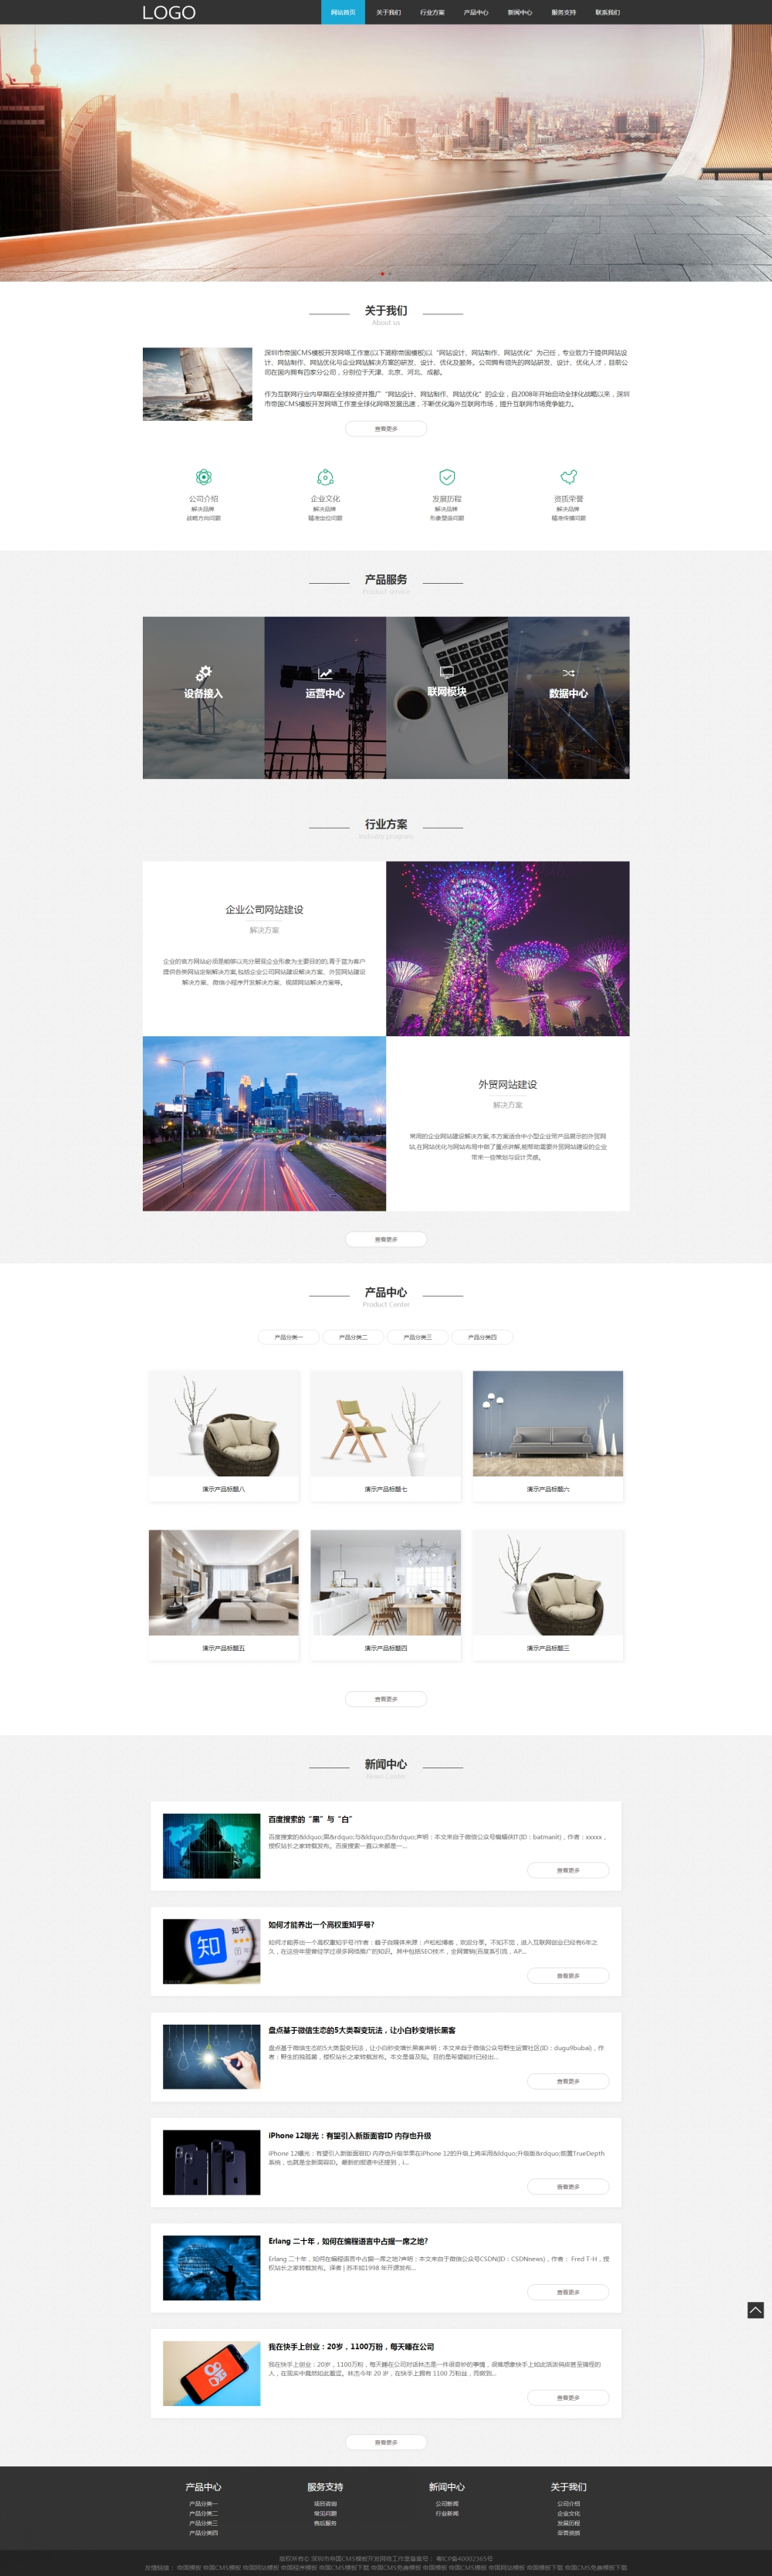 1首页.jpg [DG-0138]帝国CMS响应式艺术设计类帝国cms模板,高端创意设计公司帝国网站源码 企业模板 第1张